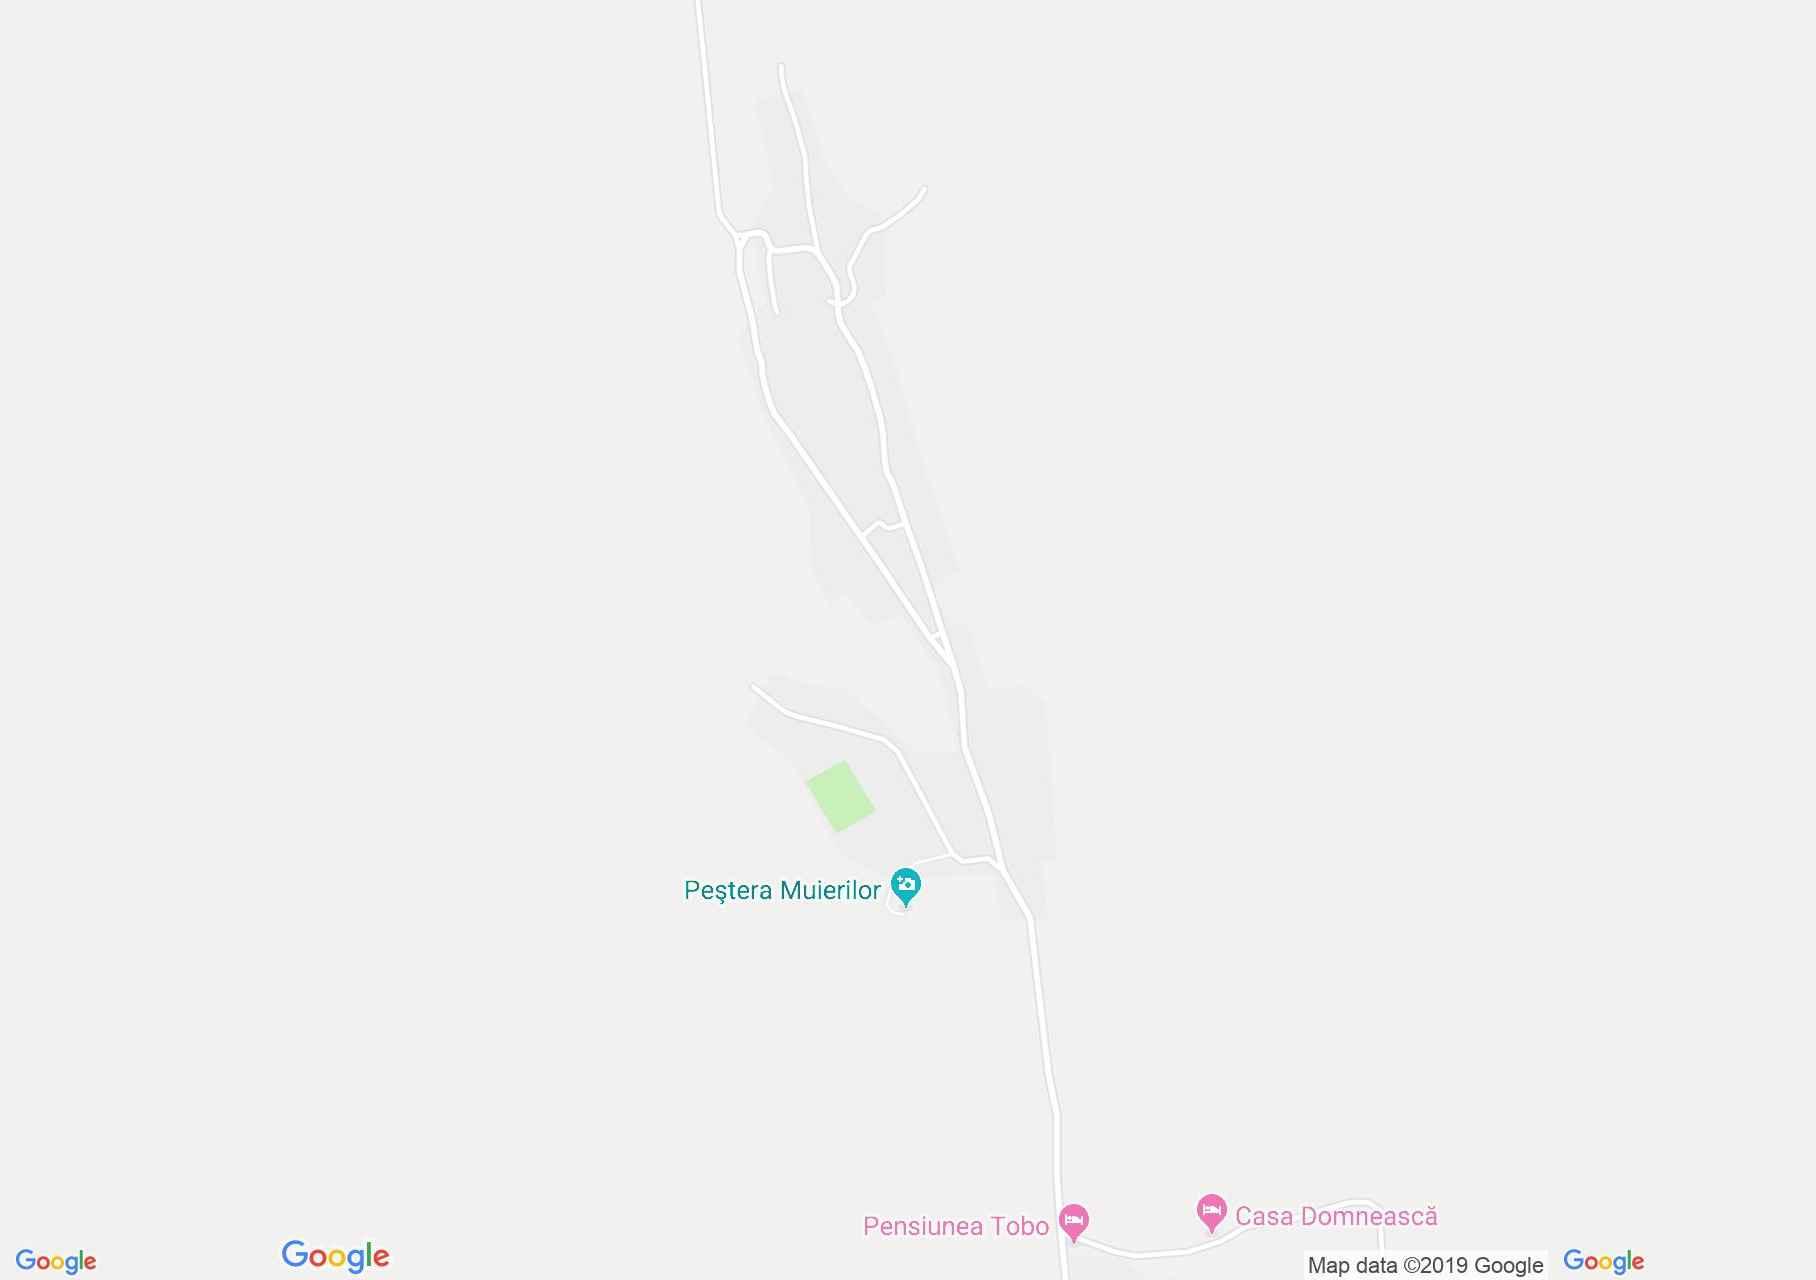 Vasbánya: Muierilor barlang (térkép)